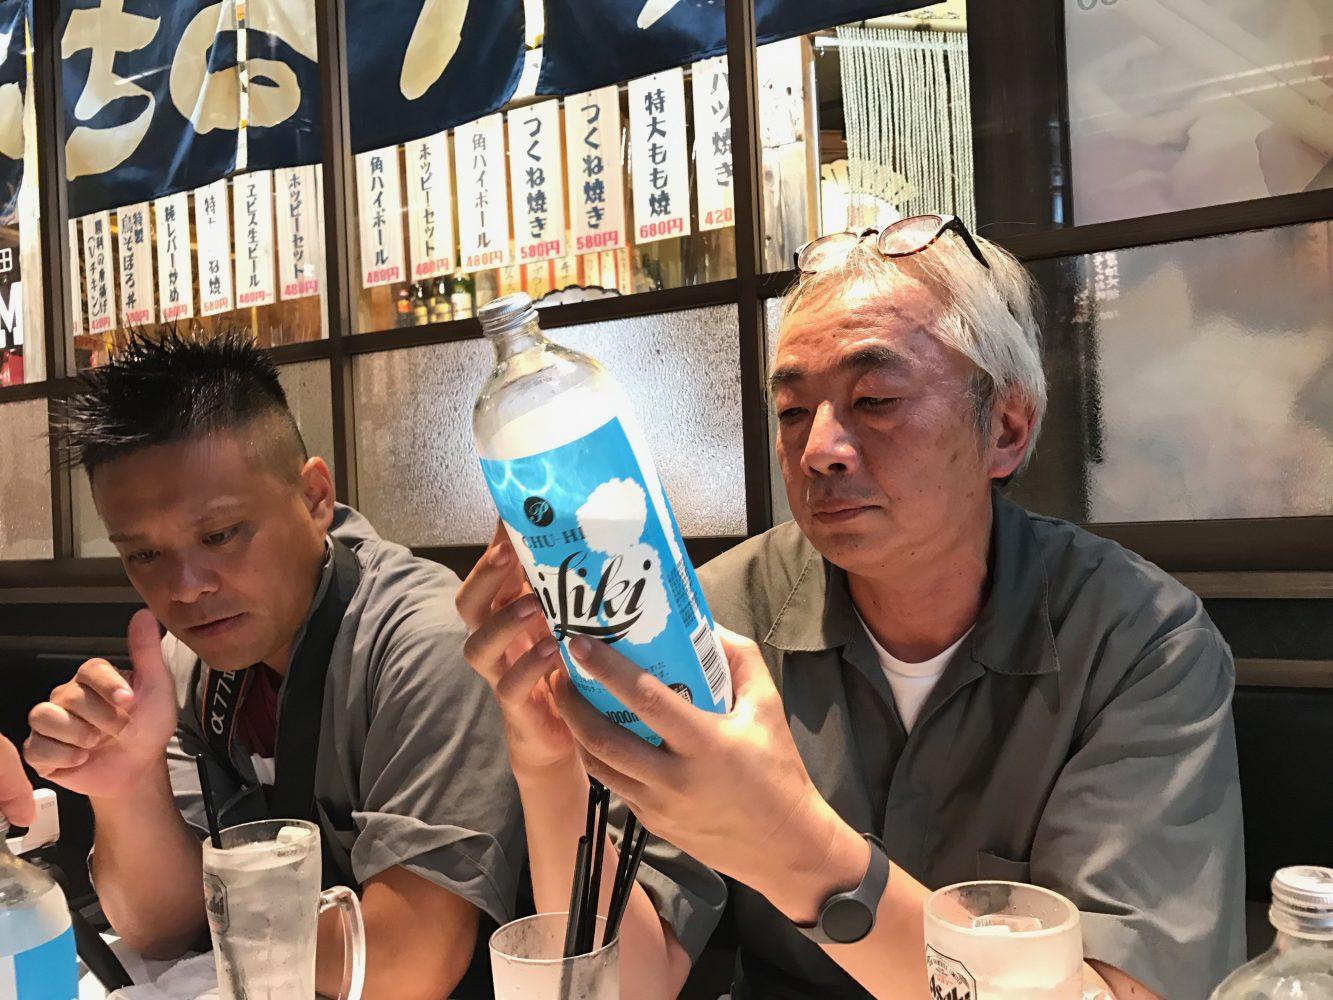 酎ハイプレーン やるきホルモン 新宿名店横丁